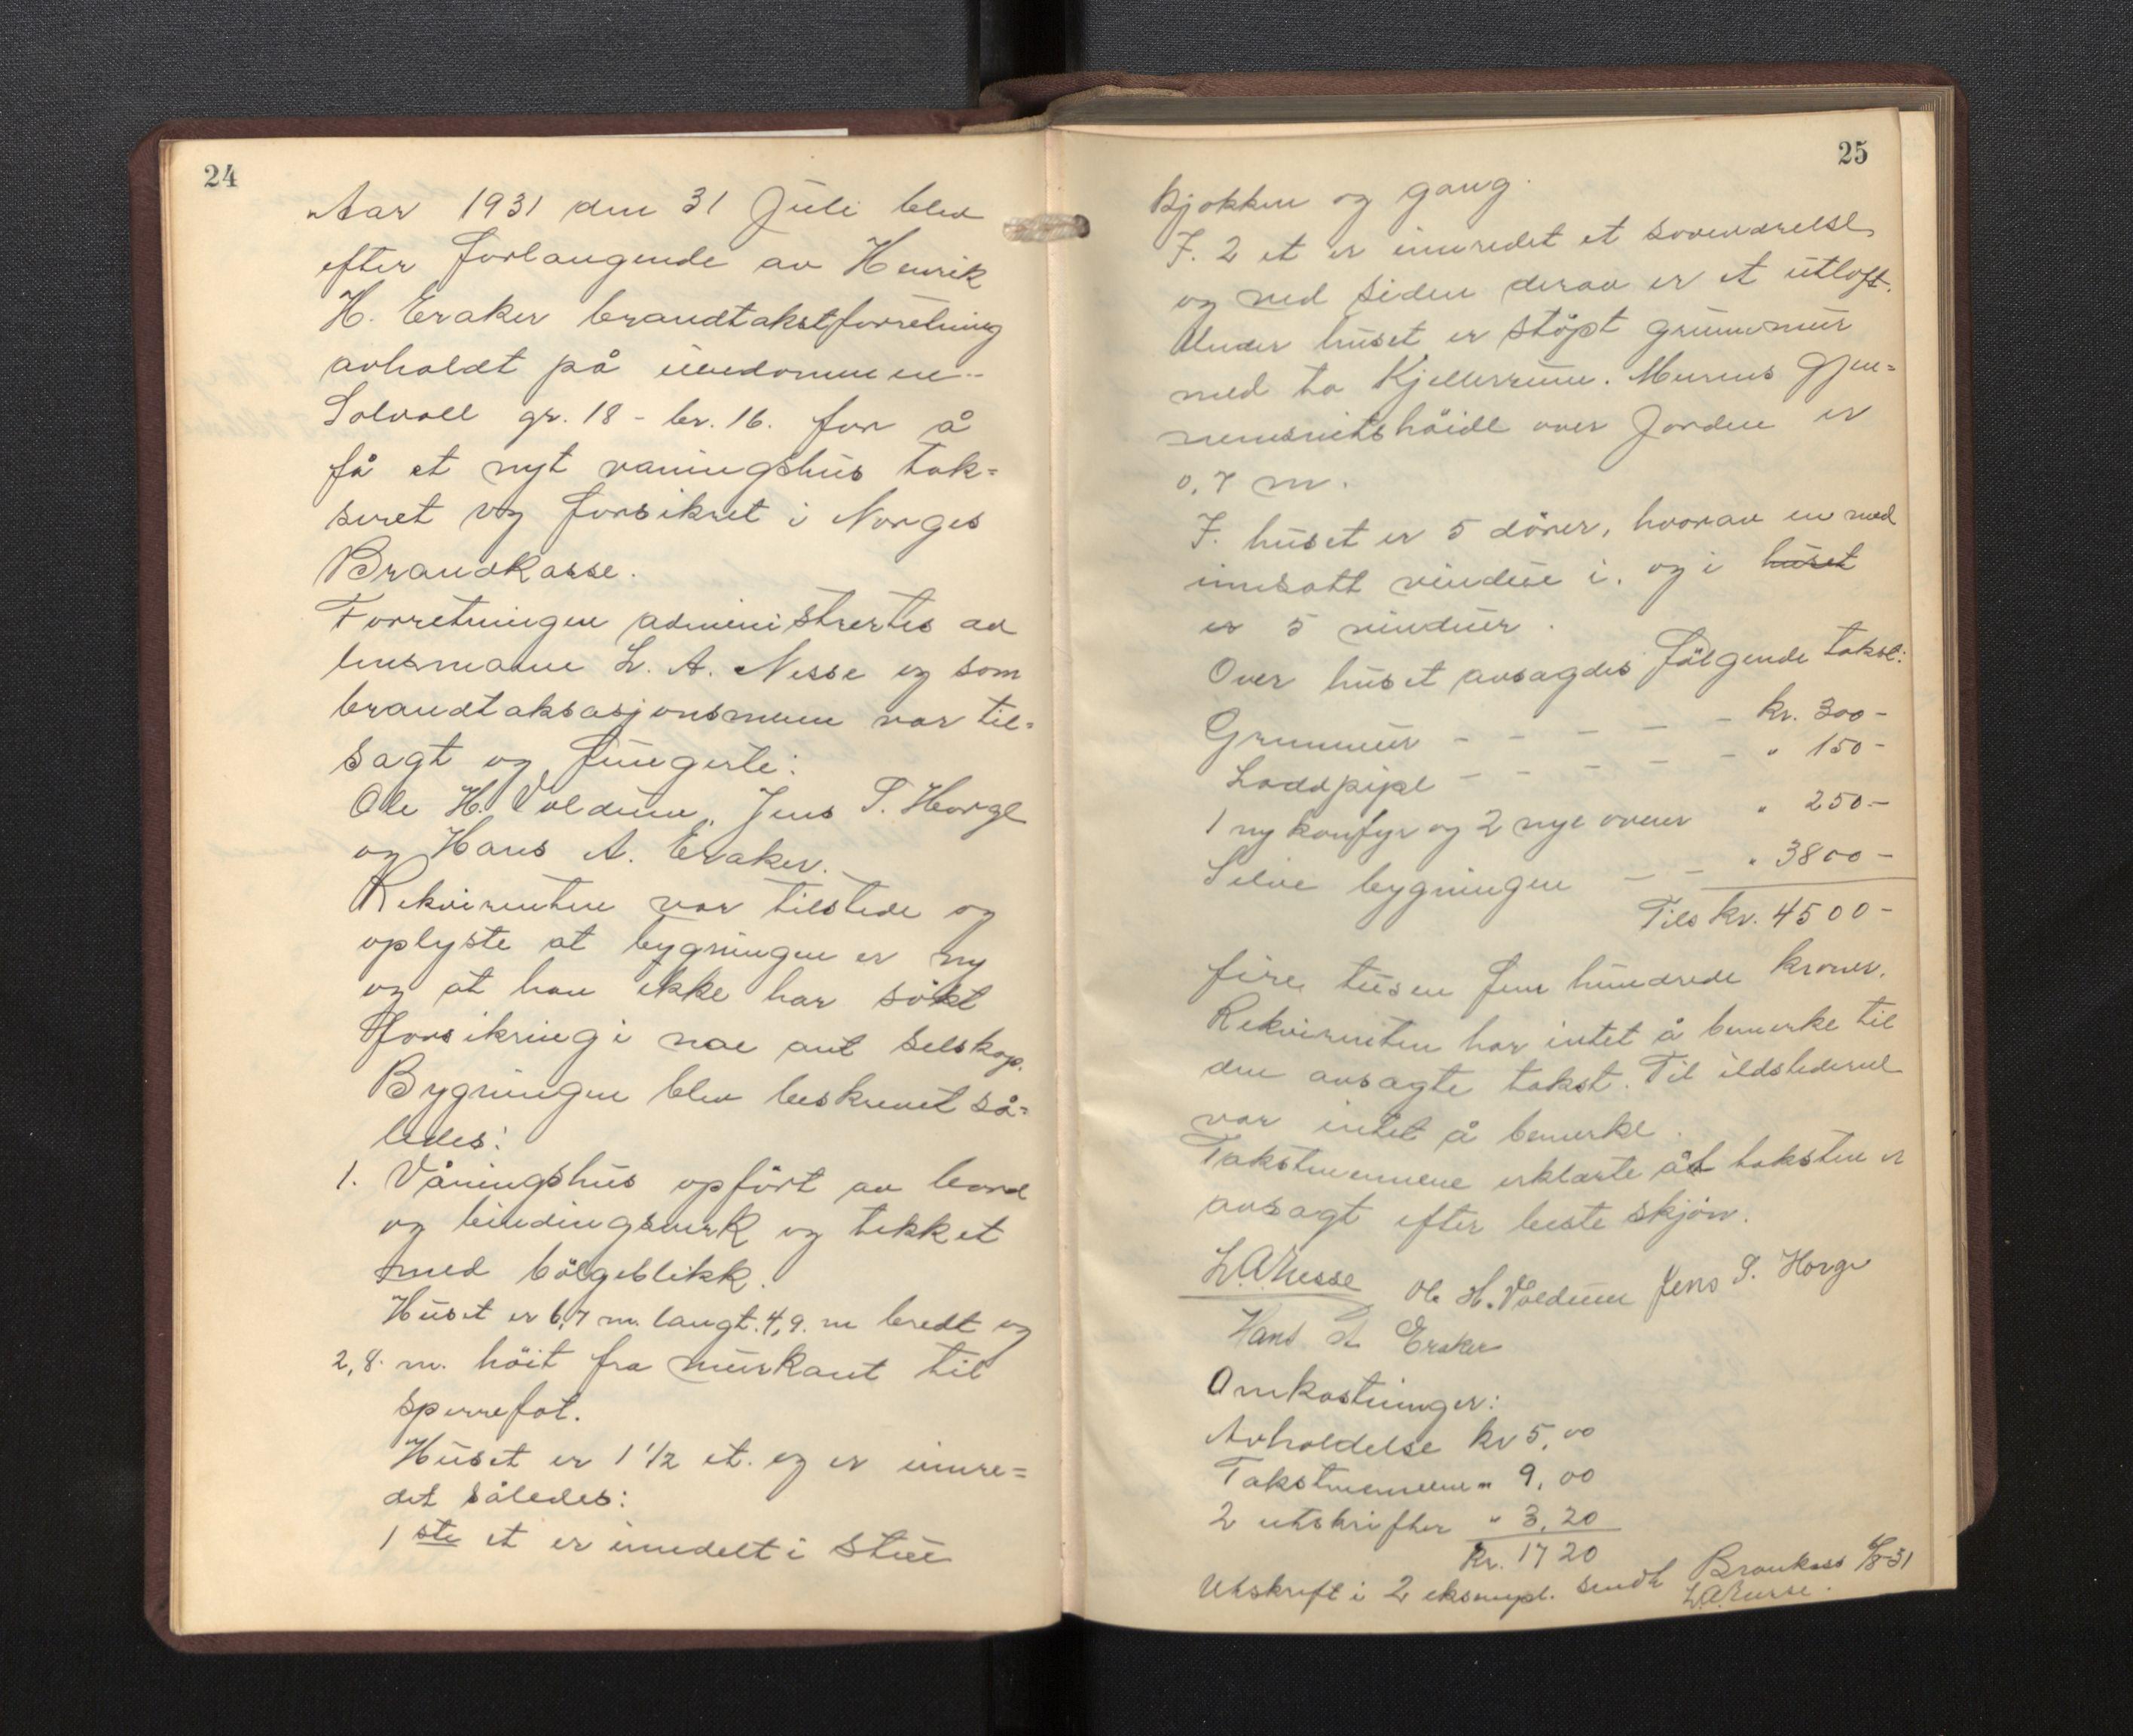 SAB, Lensmannen i Borgund, 0012/L0002: Branntakstprotokoll, 1929-1933, s. 24-25